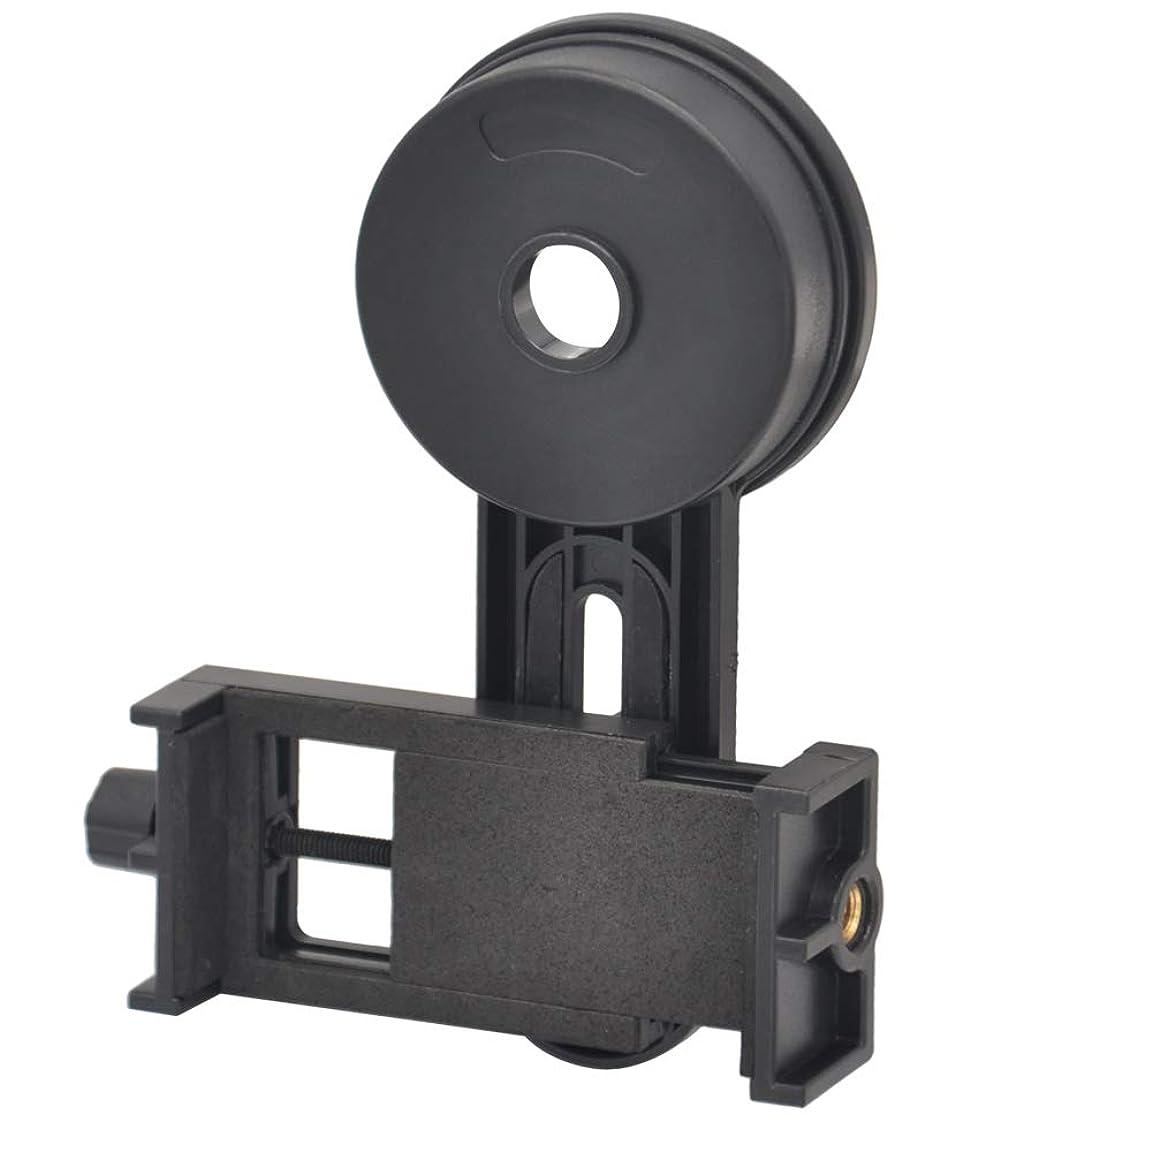 連隊警告極小Vixen 天体望遠鏡/フィールドスコープ/顕微鏡/撮影用アクセサリー カメラアダプター スマートフォン用カメラアダプター 39199-8